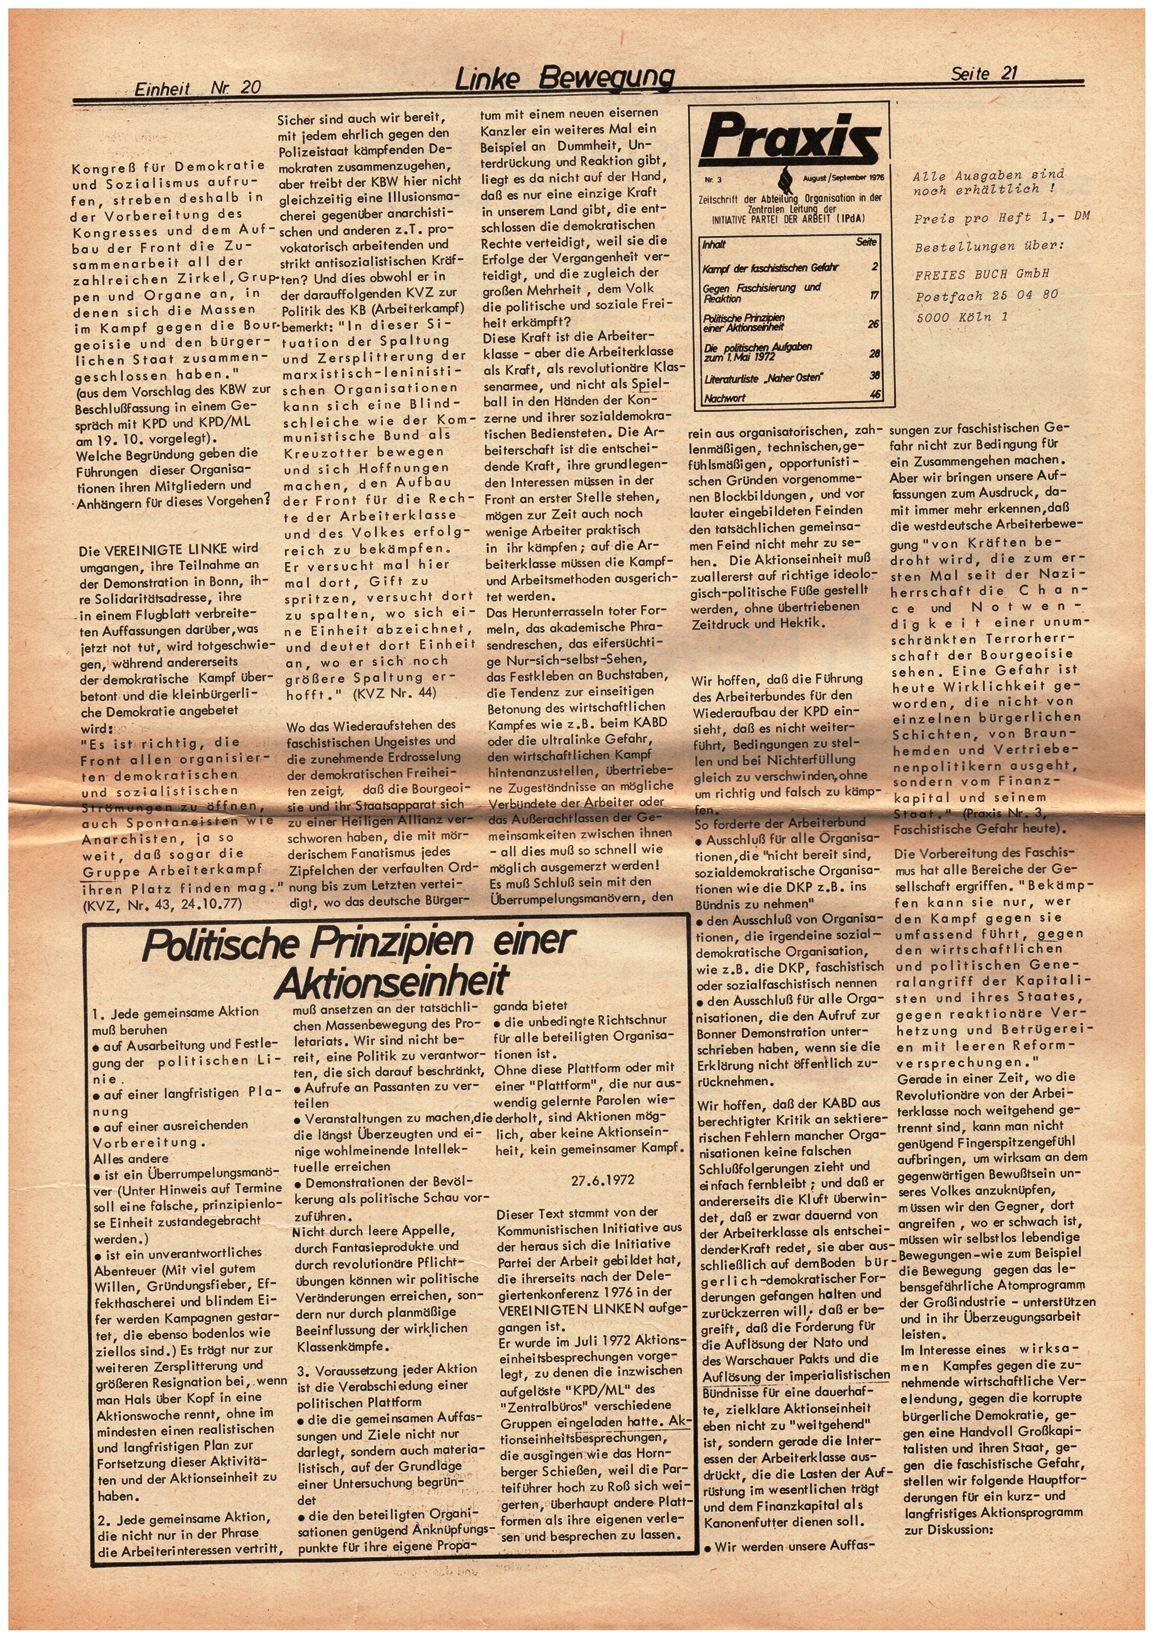 Koeln_IPdA_Einheit_1977_020_021